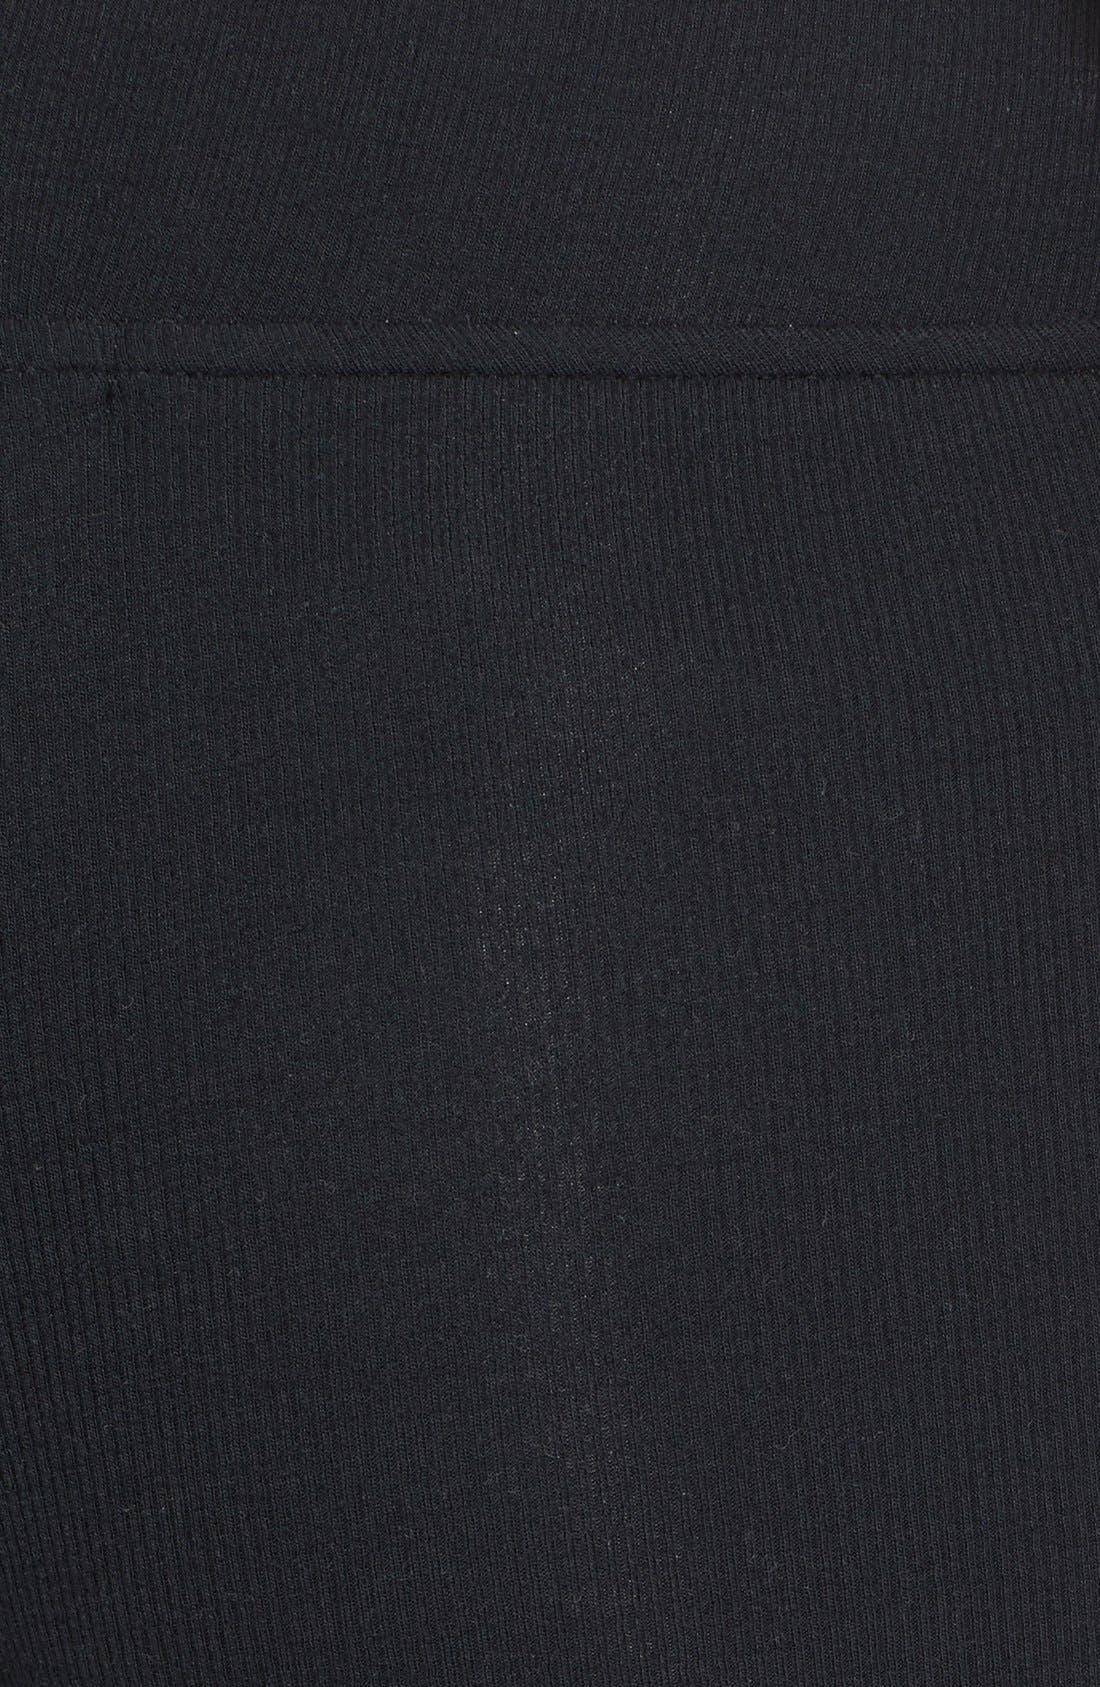 Rib Knit Yoga Leggings,                             Alternate thumbnail 6, color,                             BLACK